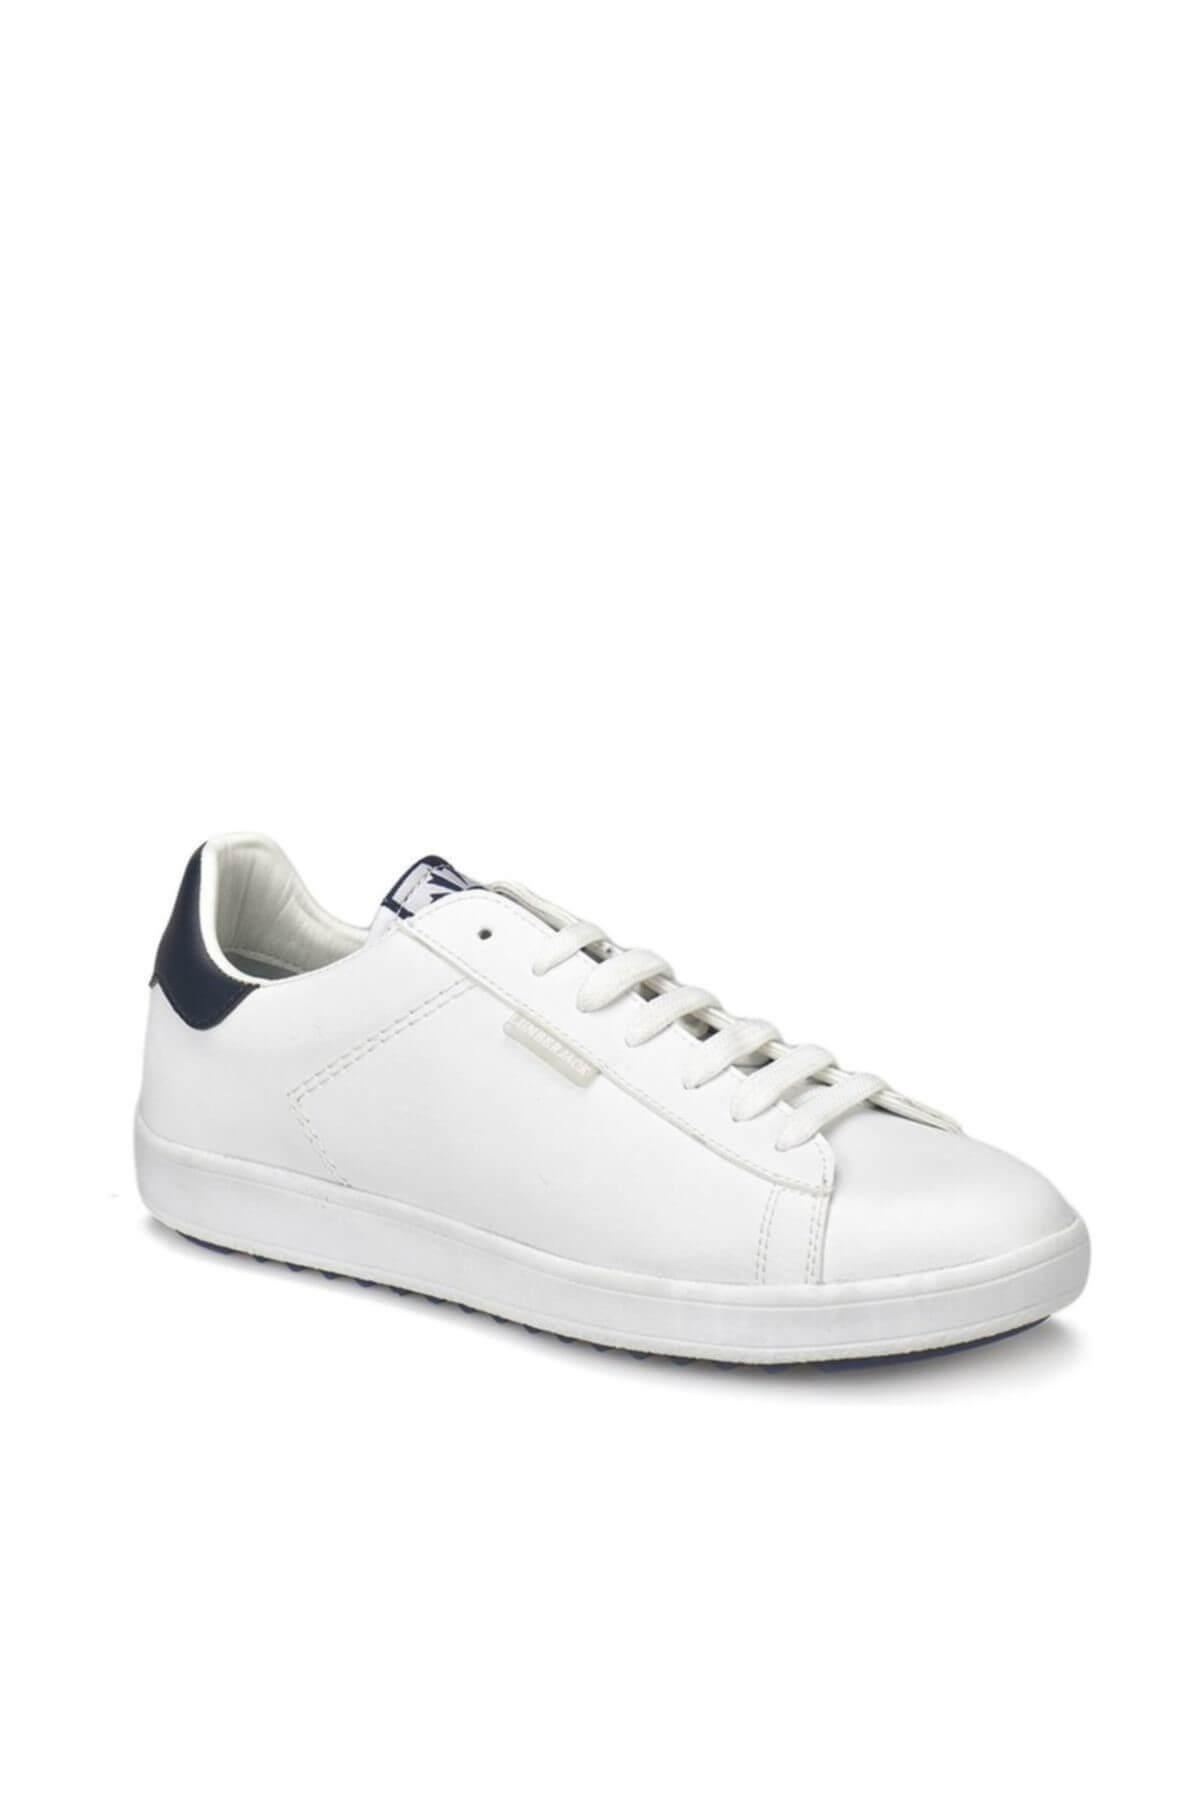 lumberjack Betna Beyaz Erkek Deri Ayakkabı 100330423 2